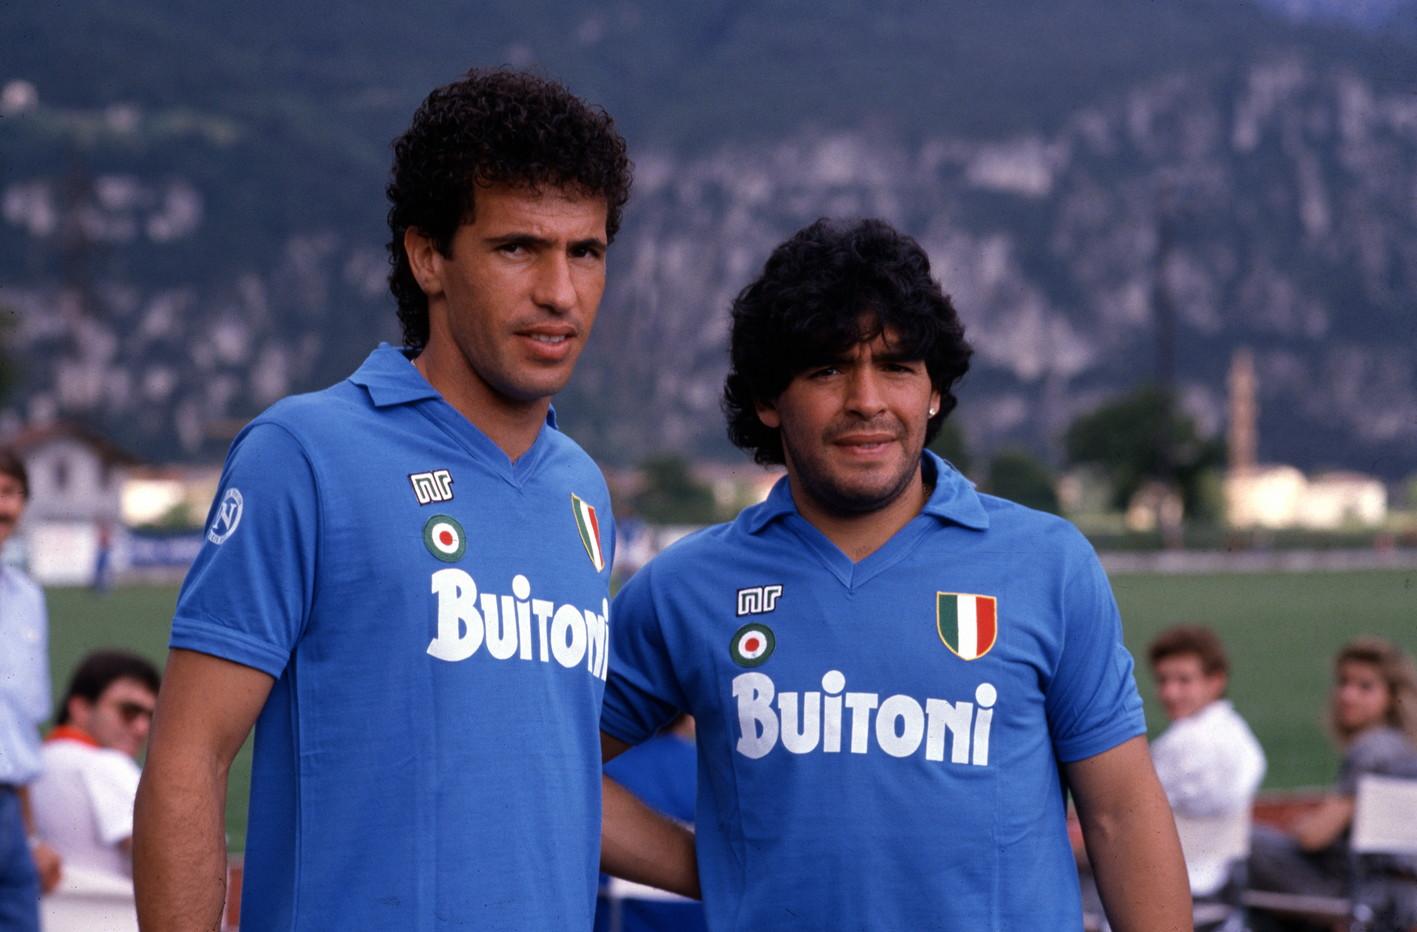 Maradona insieme ad Antonio Careca, l'attaccante brasiliano che con la maglia del Napoli ha segnato 96 gol.